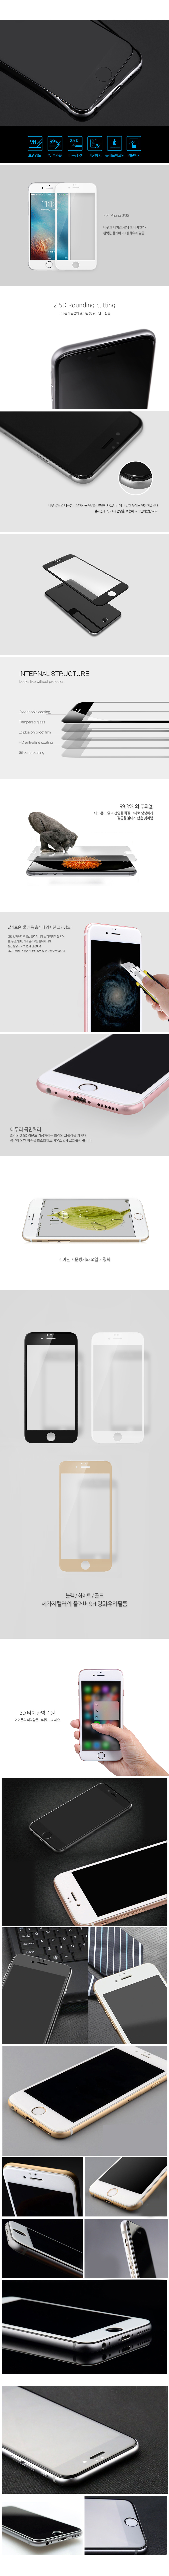 한정 카본 풀커버 9H 강화유리 아이폰시리즈 - 배타고, 5,200원, 케이스, 아이폰XS MAX